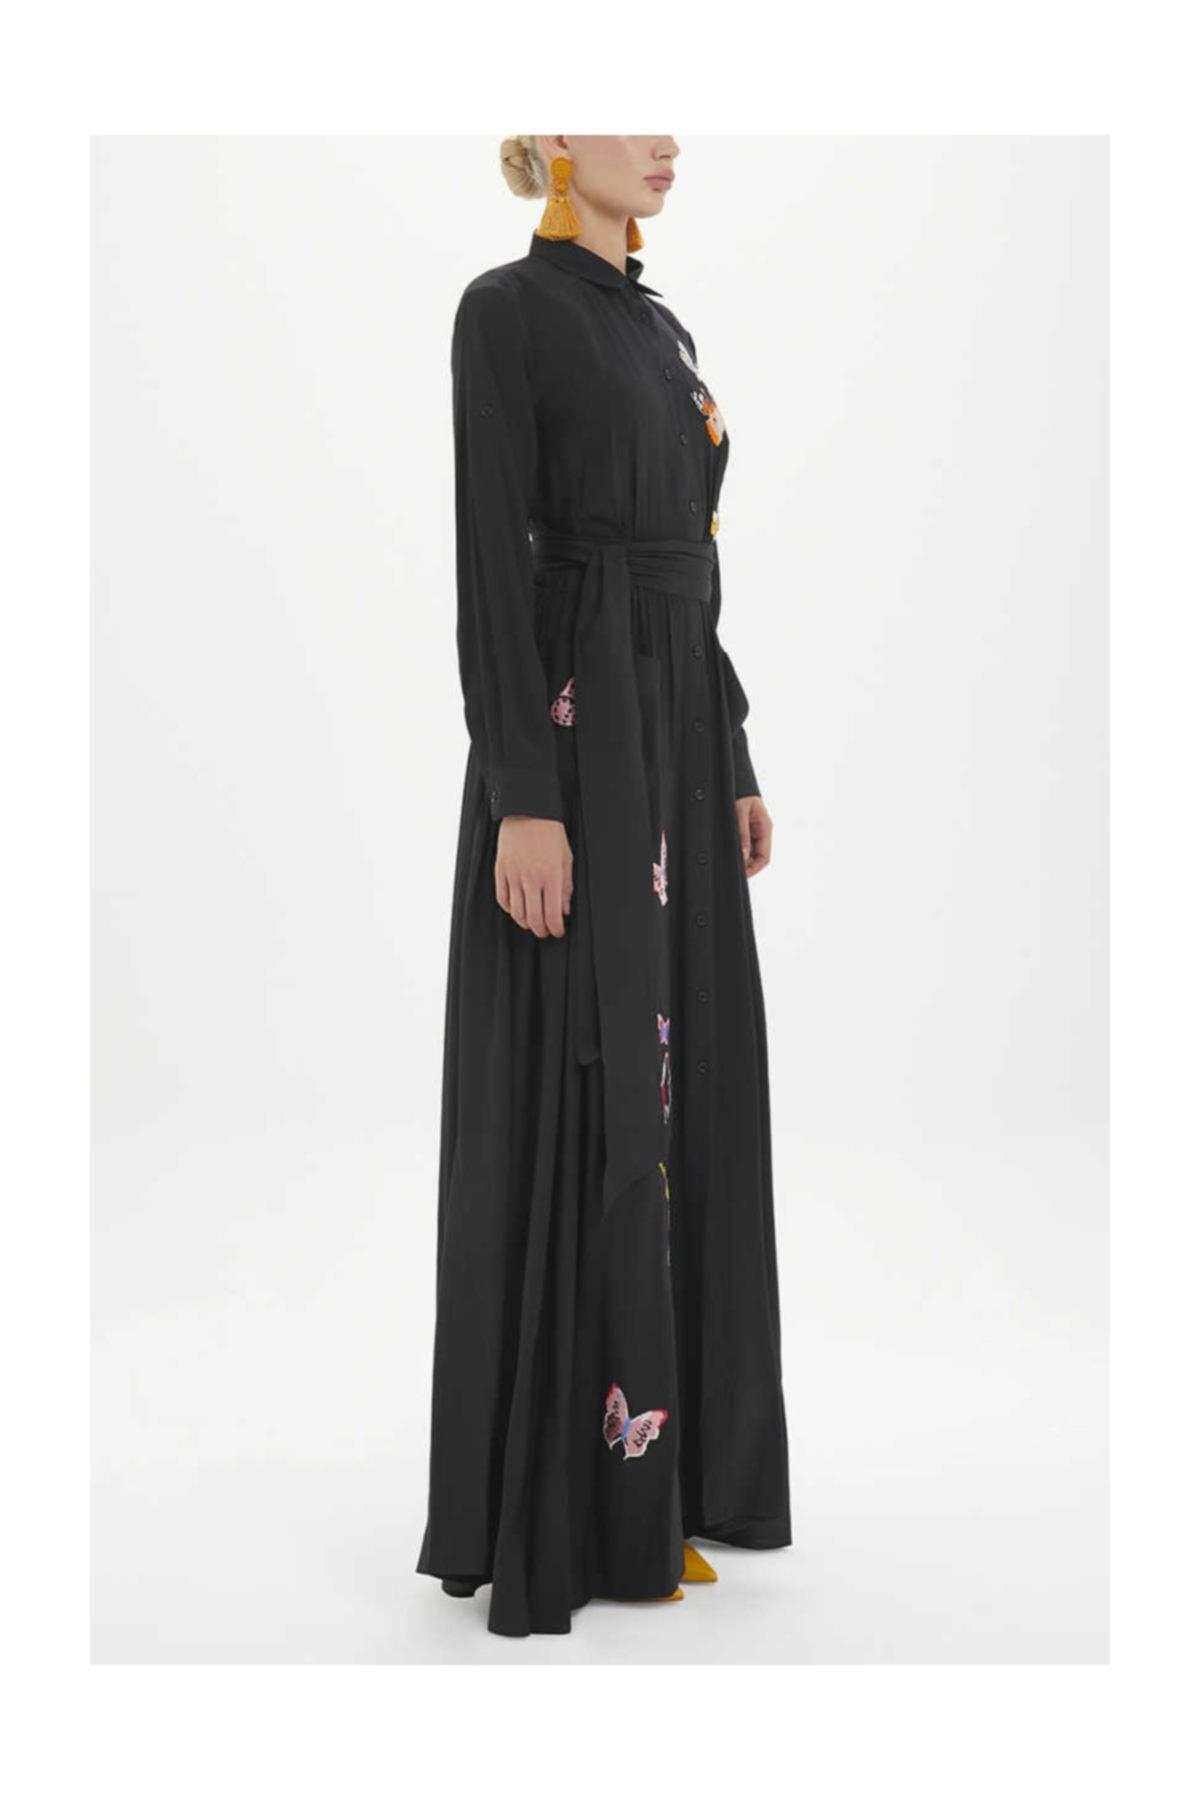 SOCIETA Kadın Nakış Ve Büzgülü Gömlek Elbise Siyah 92562 M18191092562101 2